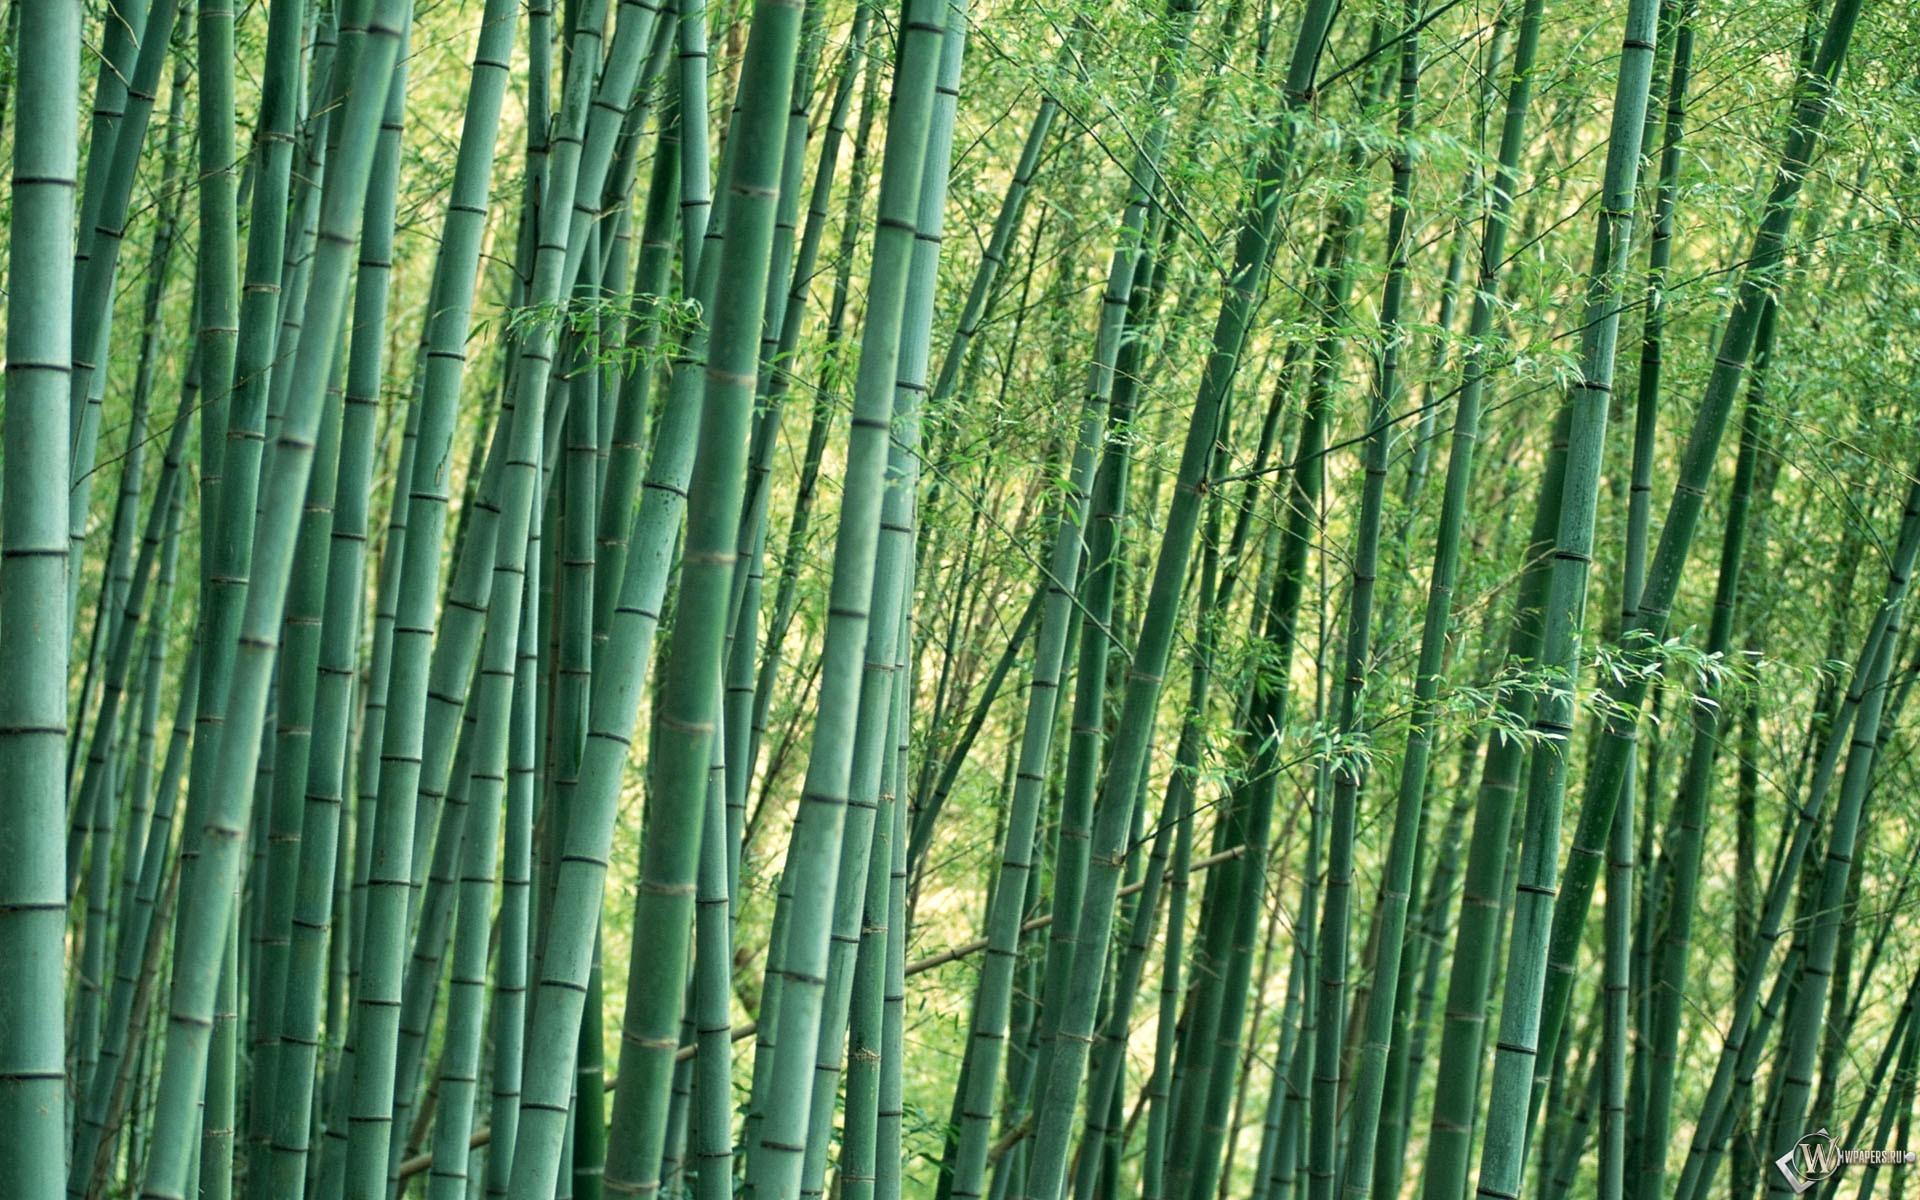 Бамбуковые заросли 1920x1200